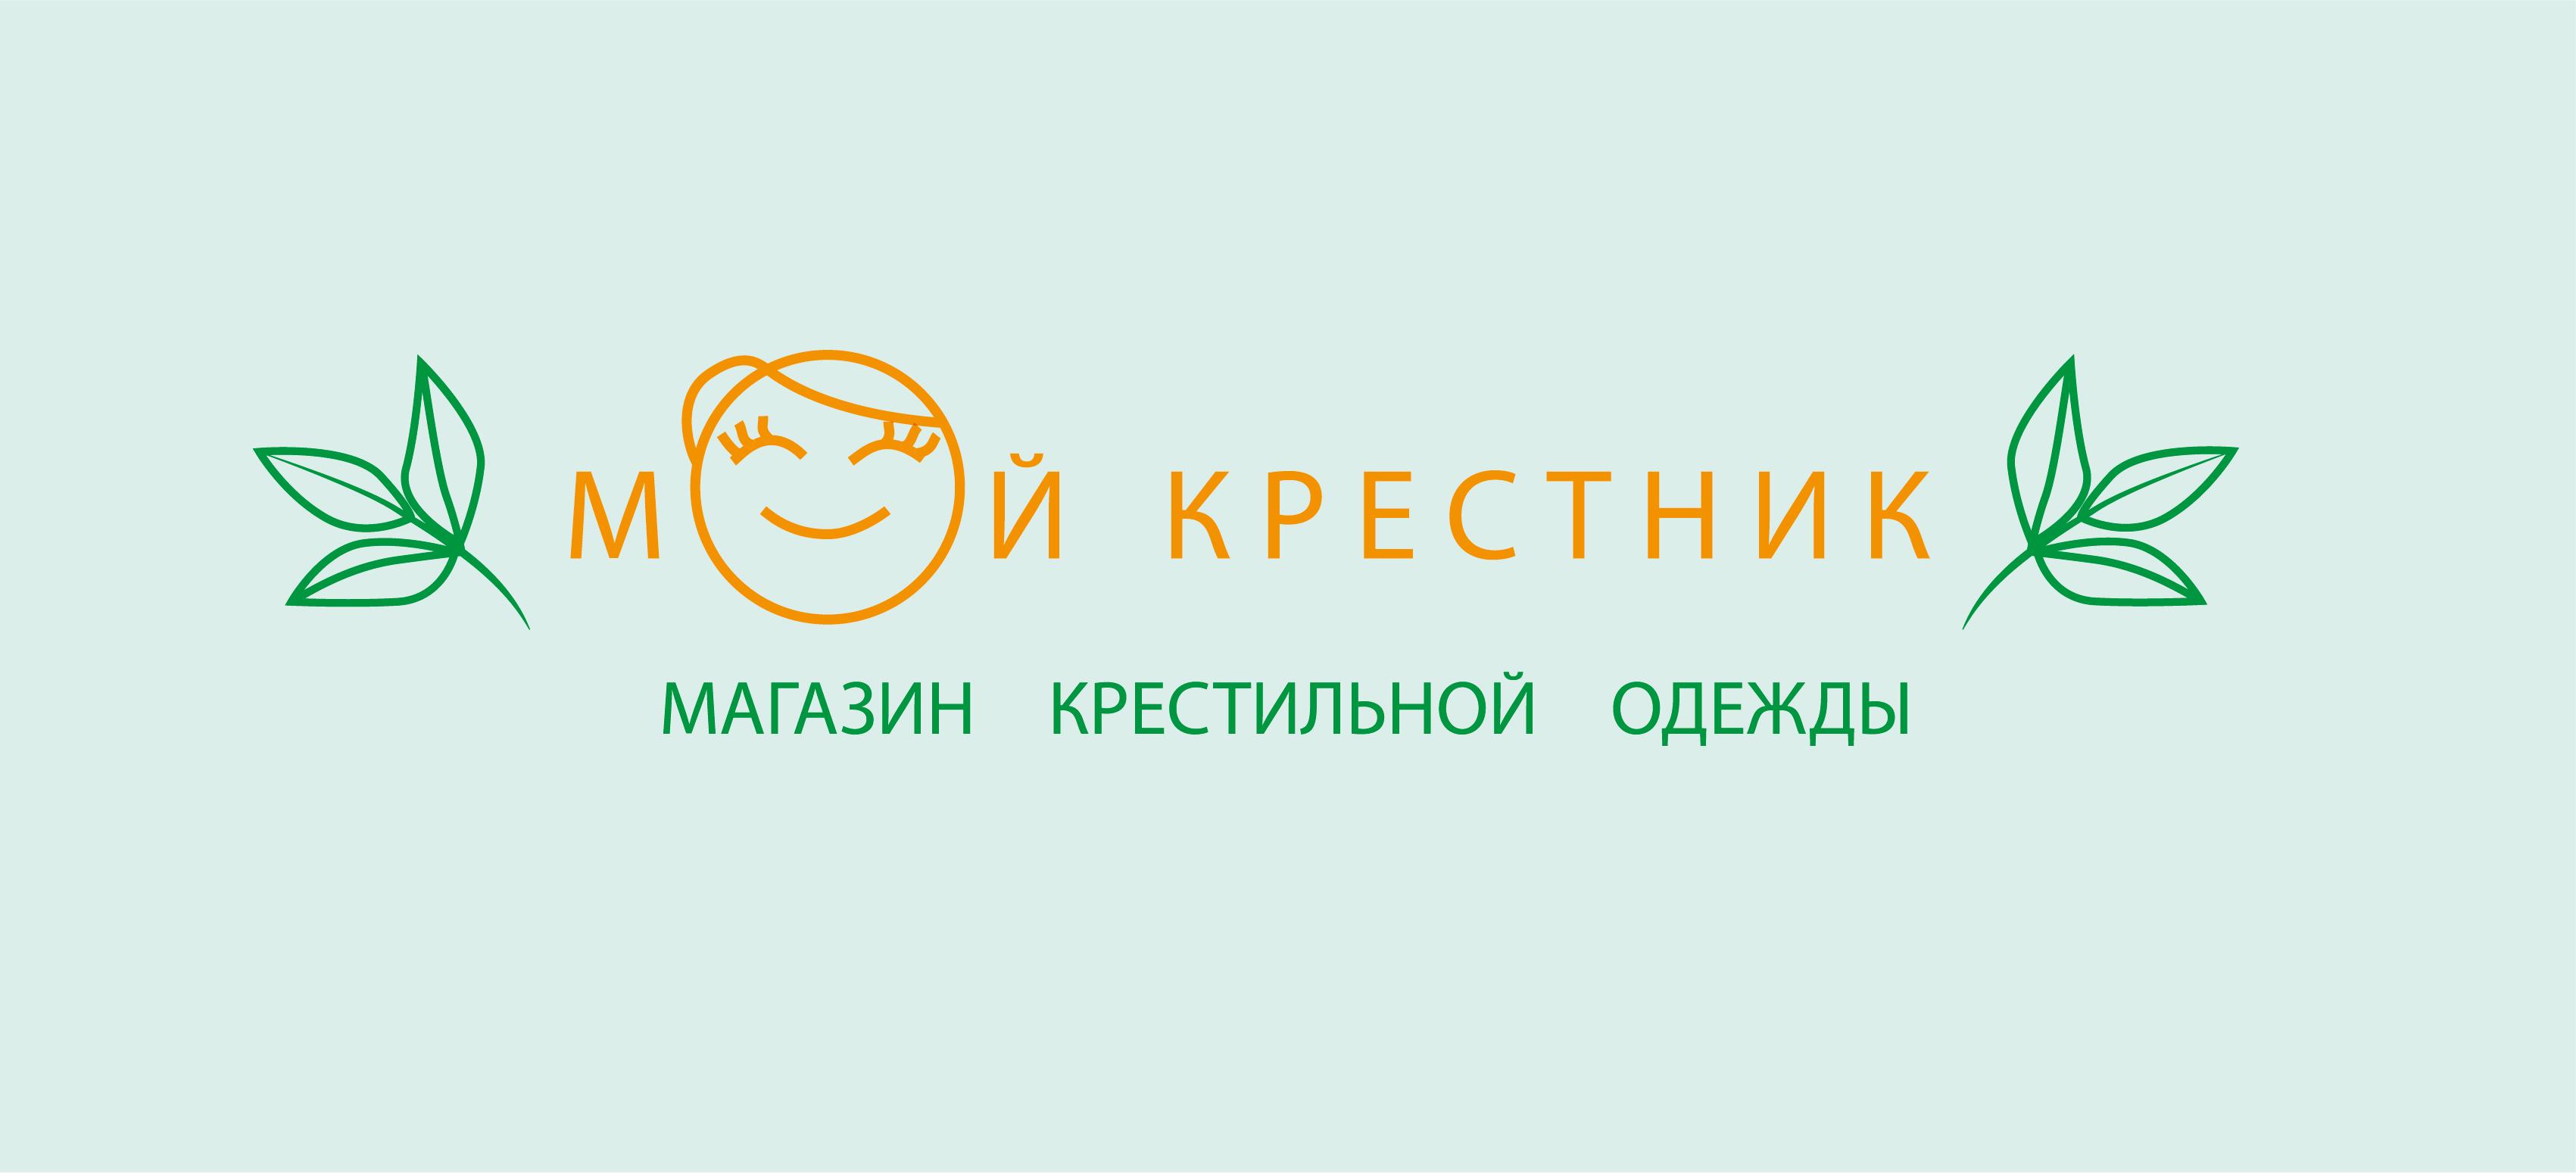 Логотип для крестильной одежды(детской). фото f_1245d4f003ea6b14.jpg